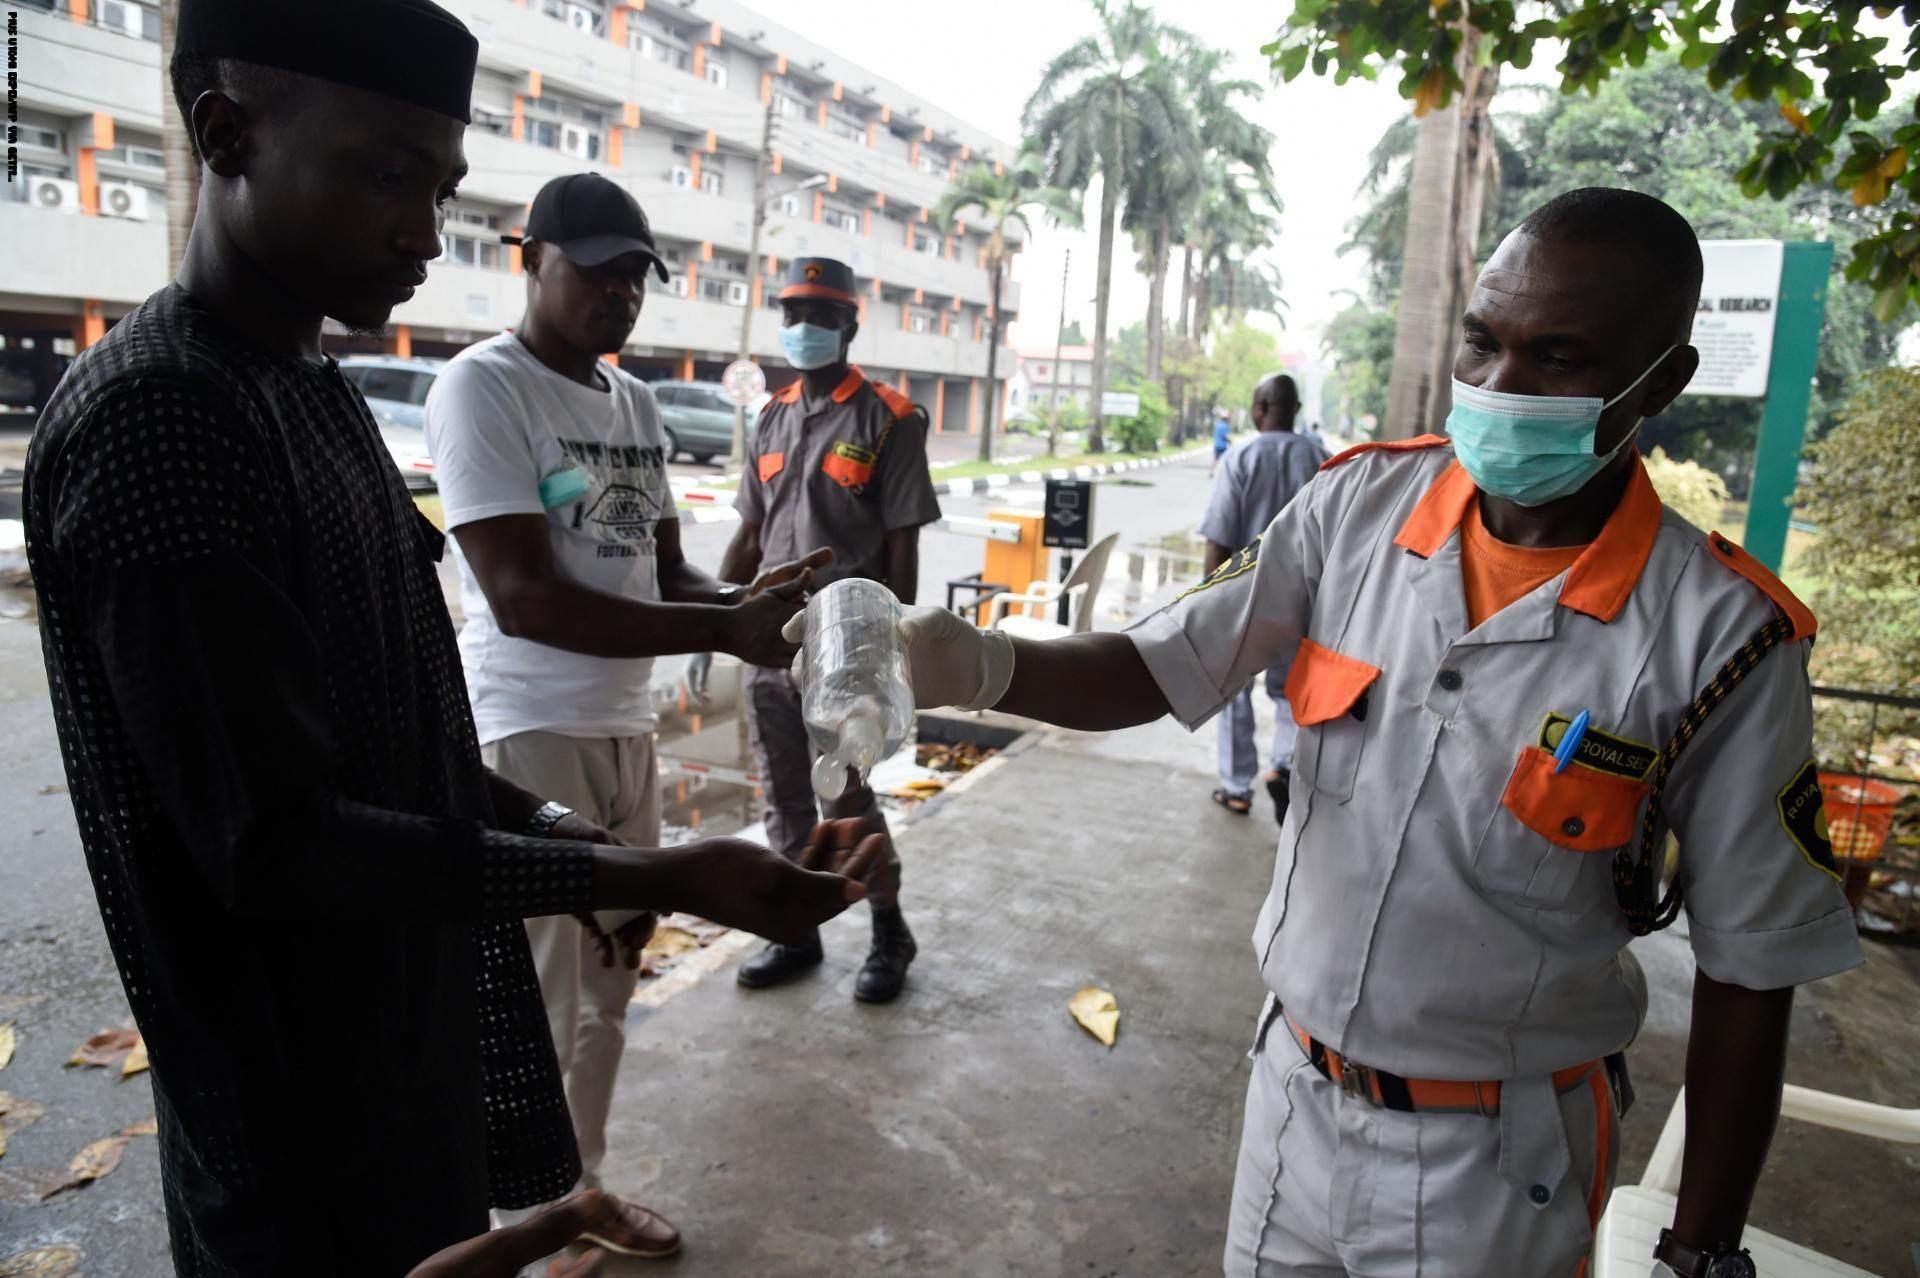 الصحة العالمية تدعو الدول الأفريقية للإبقاء على تدابير صارمة لمكافحة كورونا